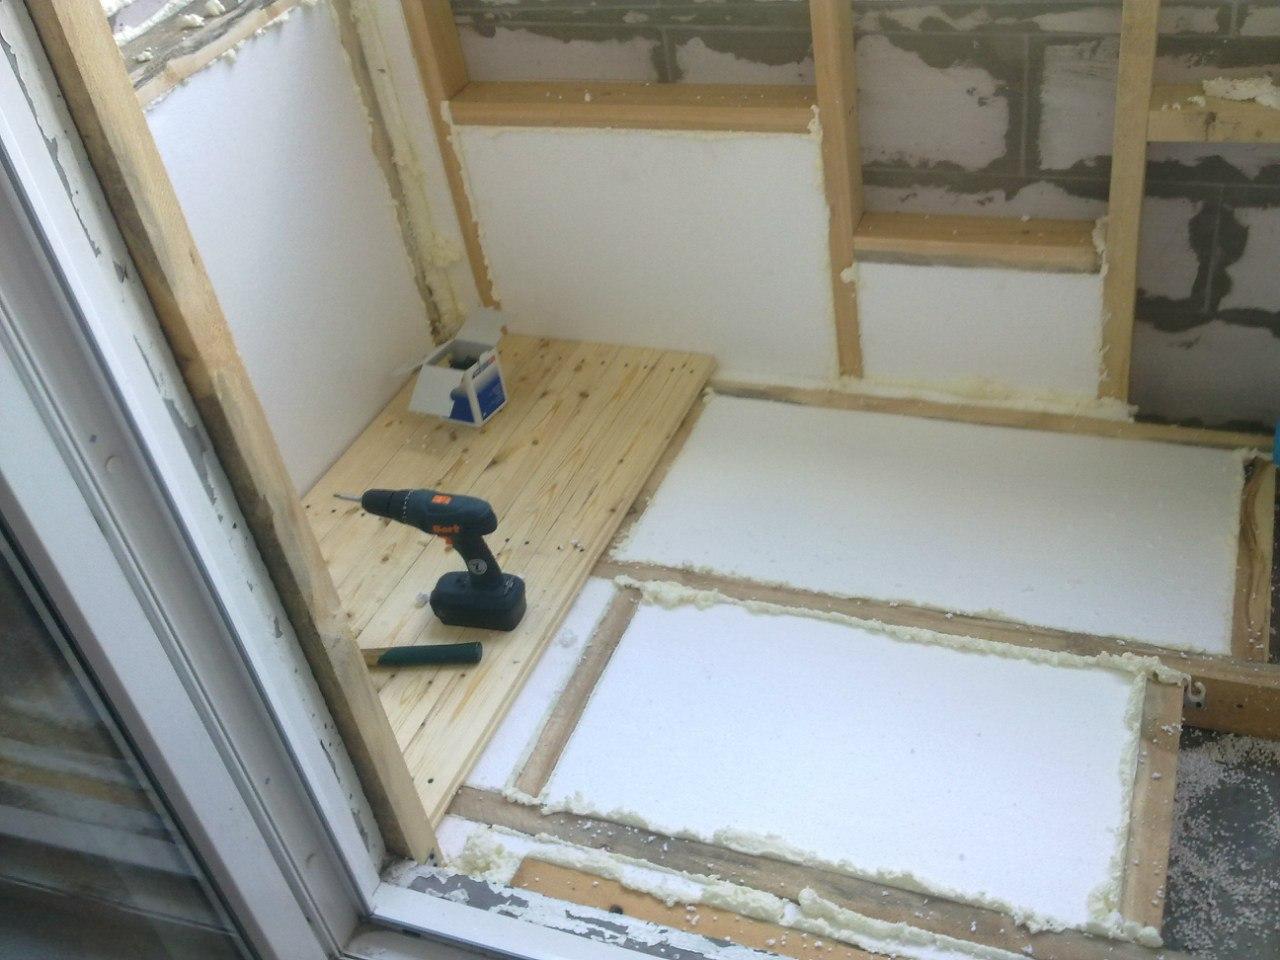 Як утеплити підлогу на балконі - правильне утеплення балкона.